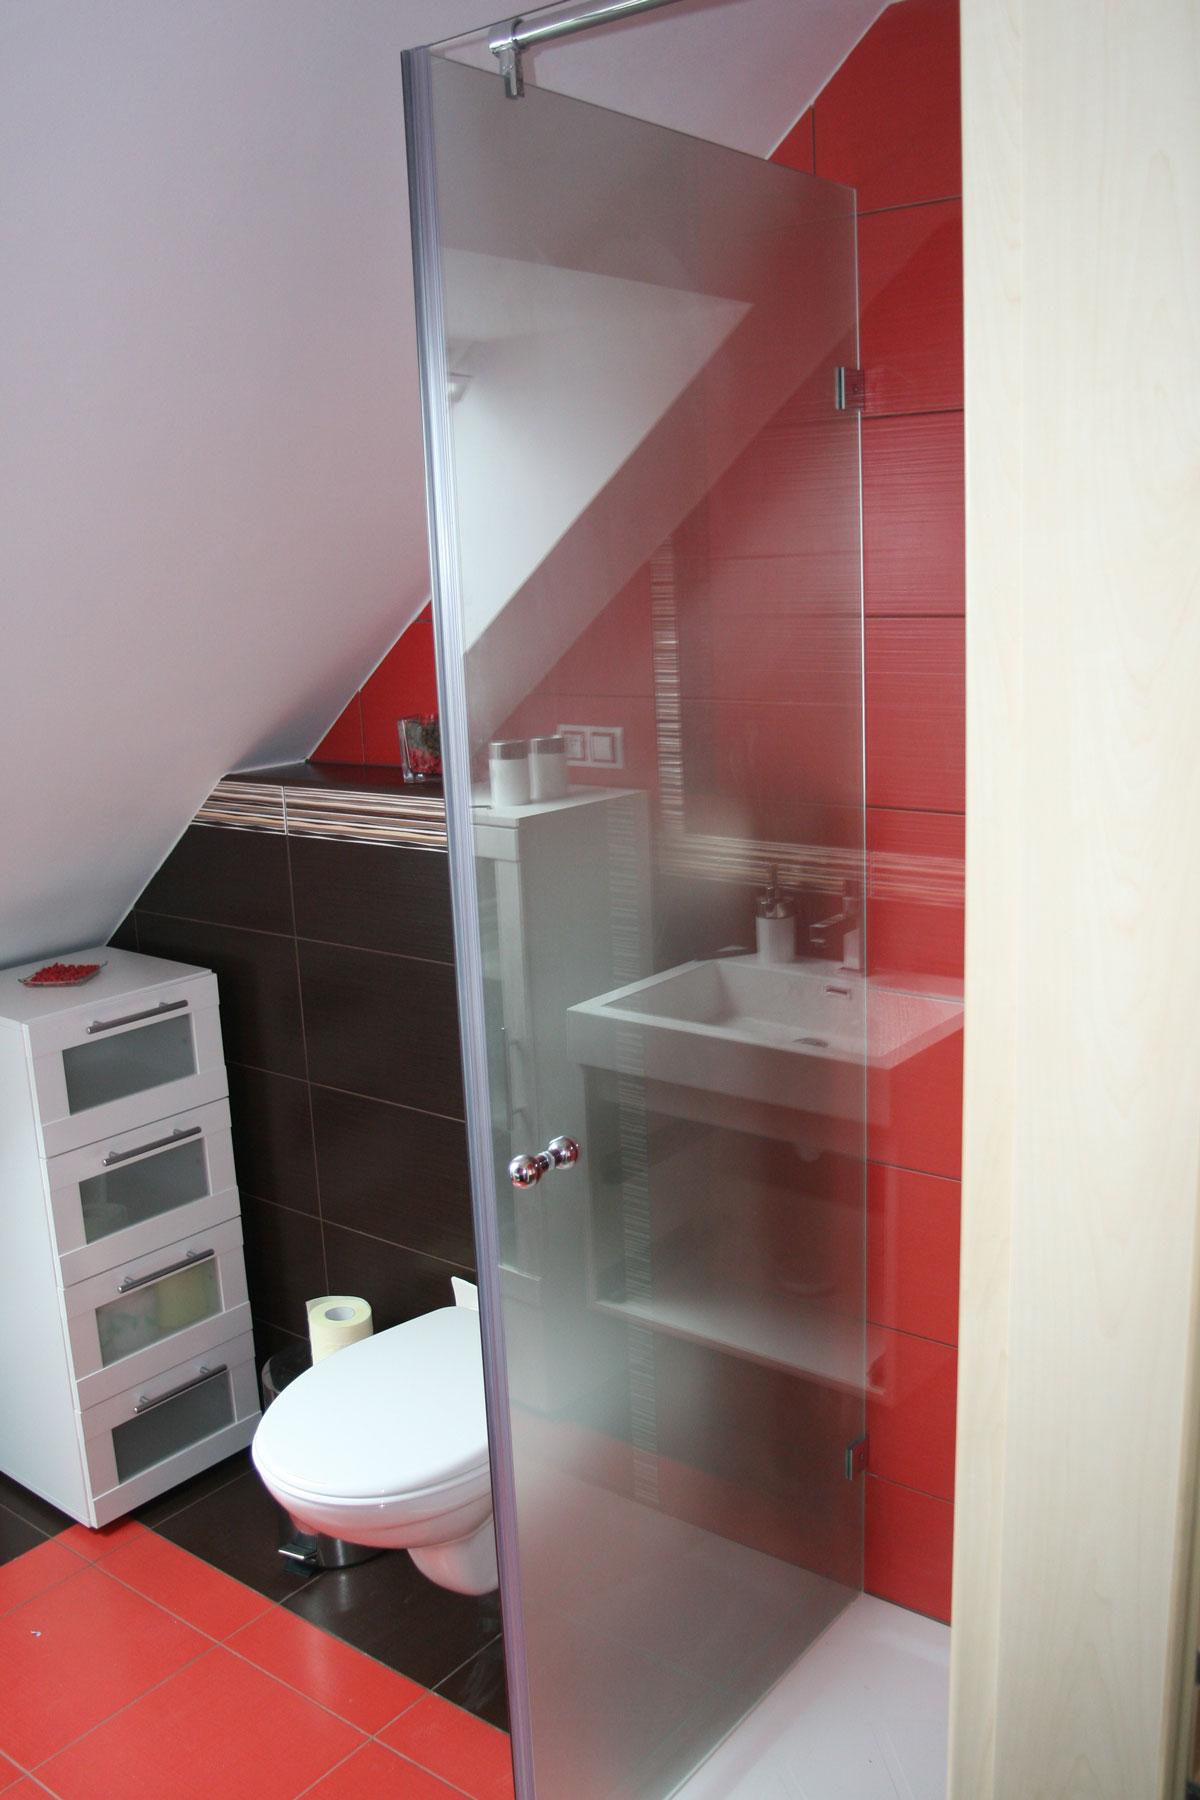 Sklenarstvi-Prerost-sprchove- kouty-a-sprchy (64)